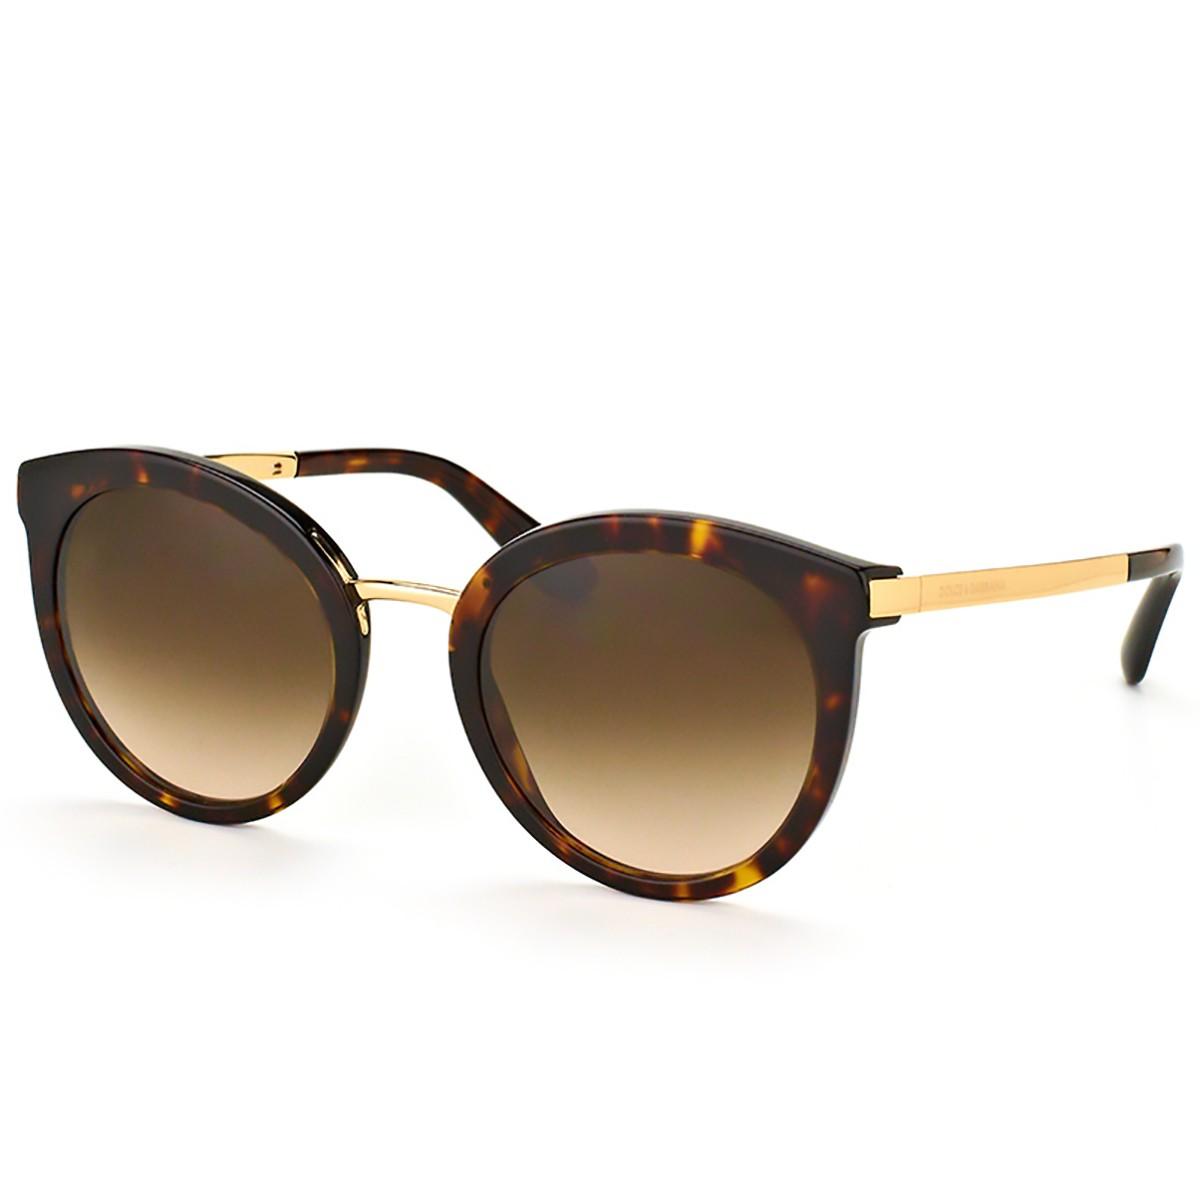 2e40384afb0c1 Compre Óculos de Sol Dolce   Gabbana em 10X